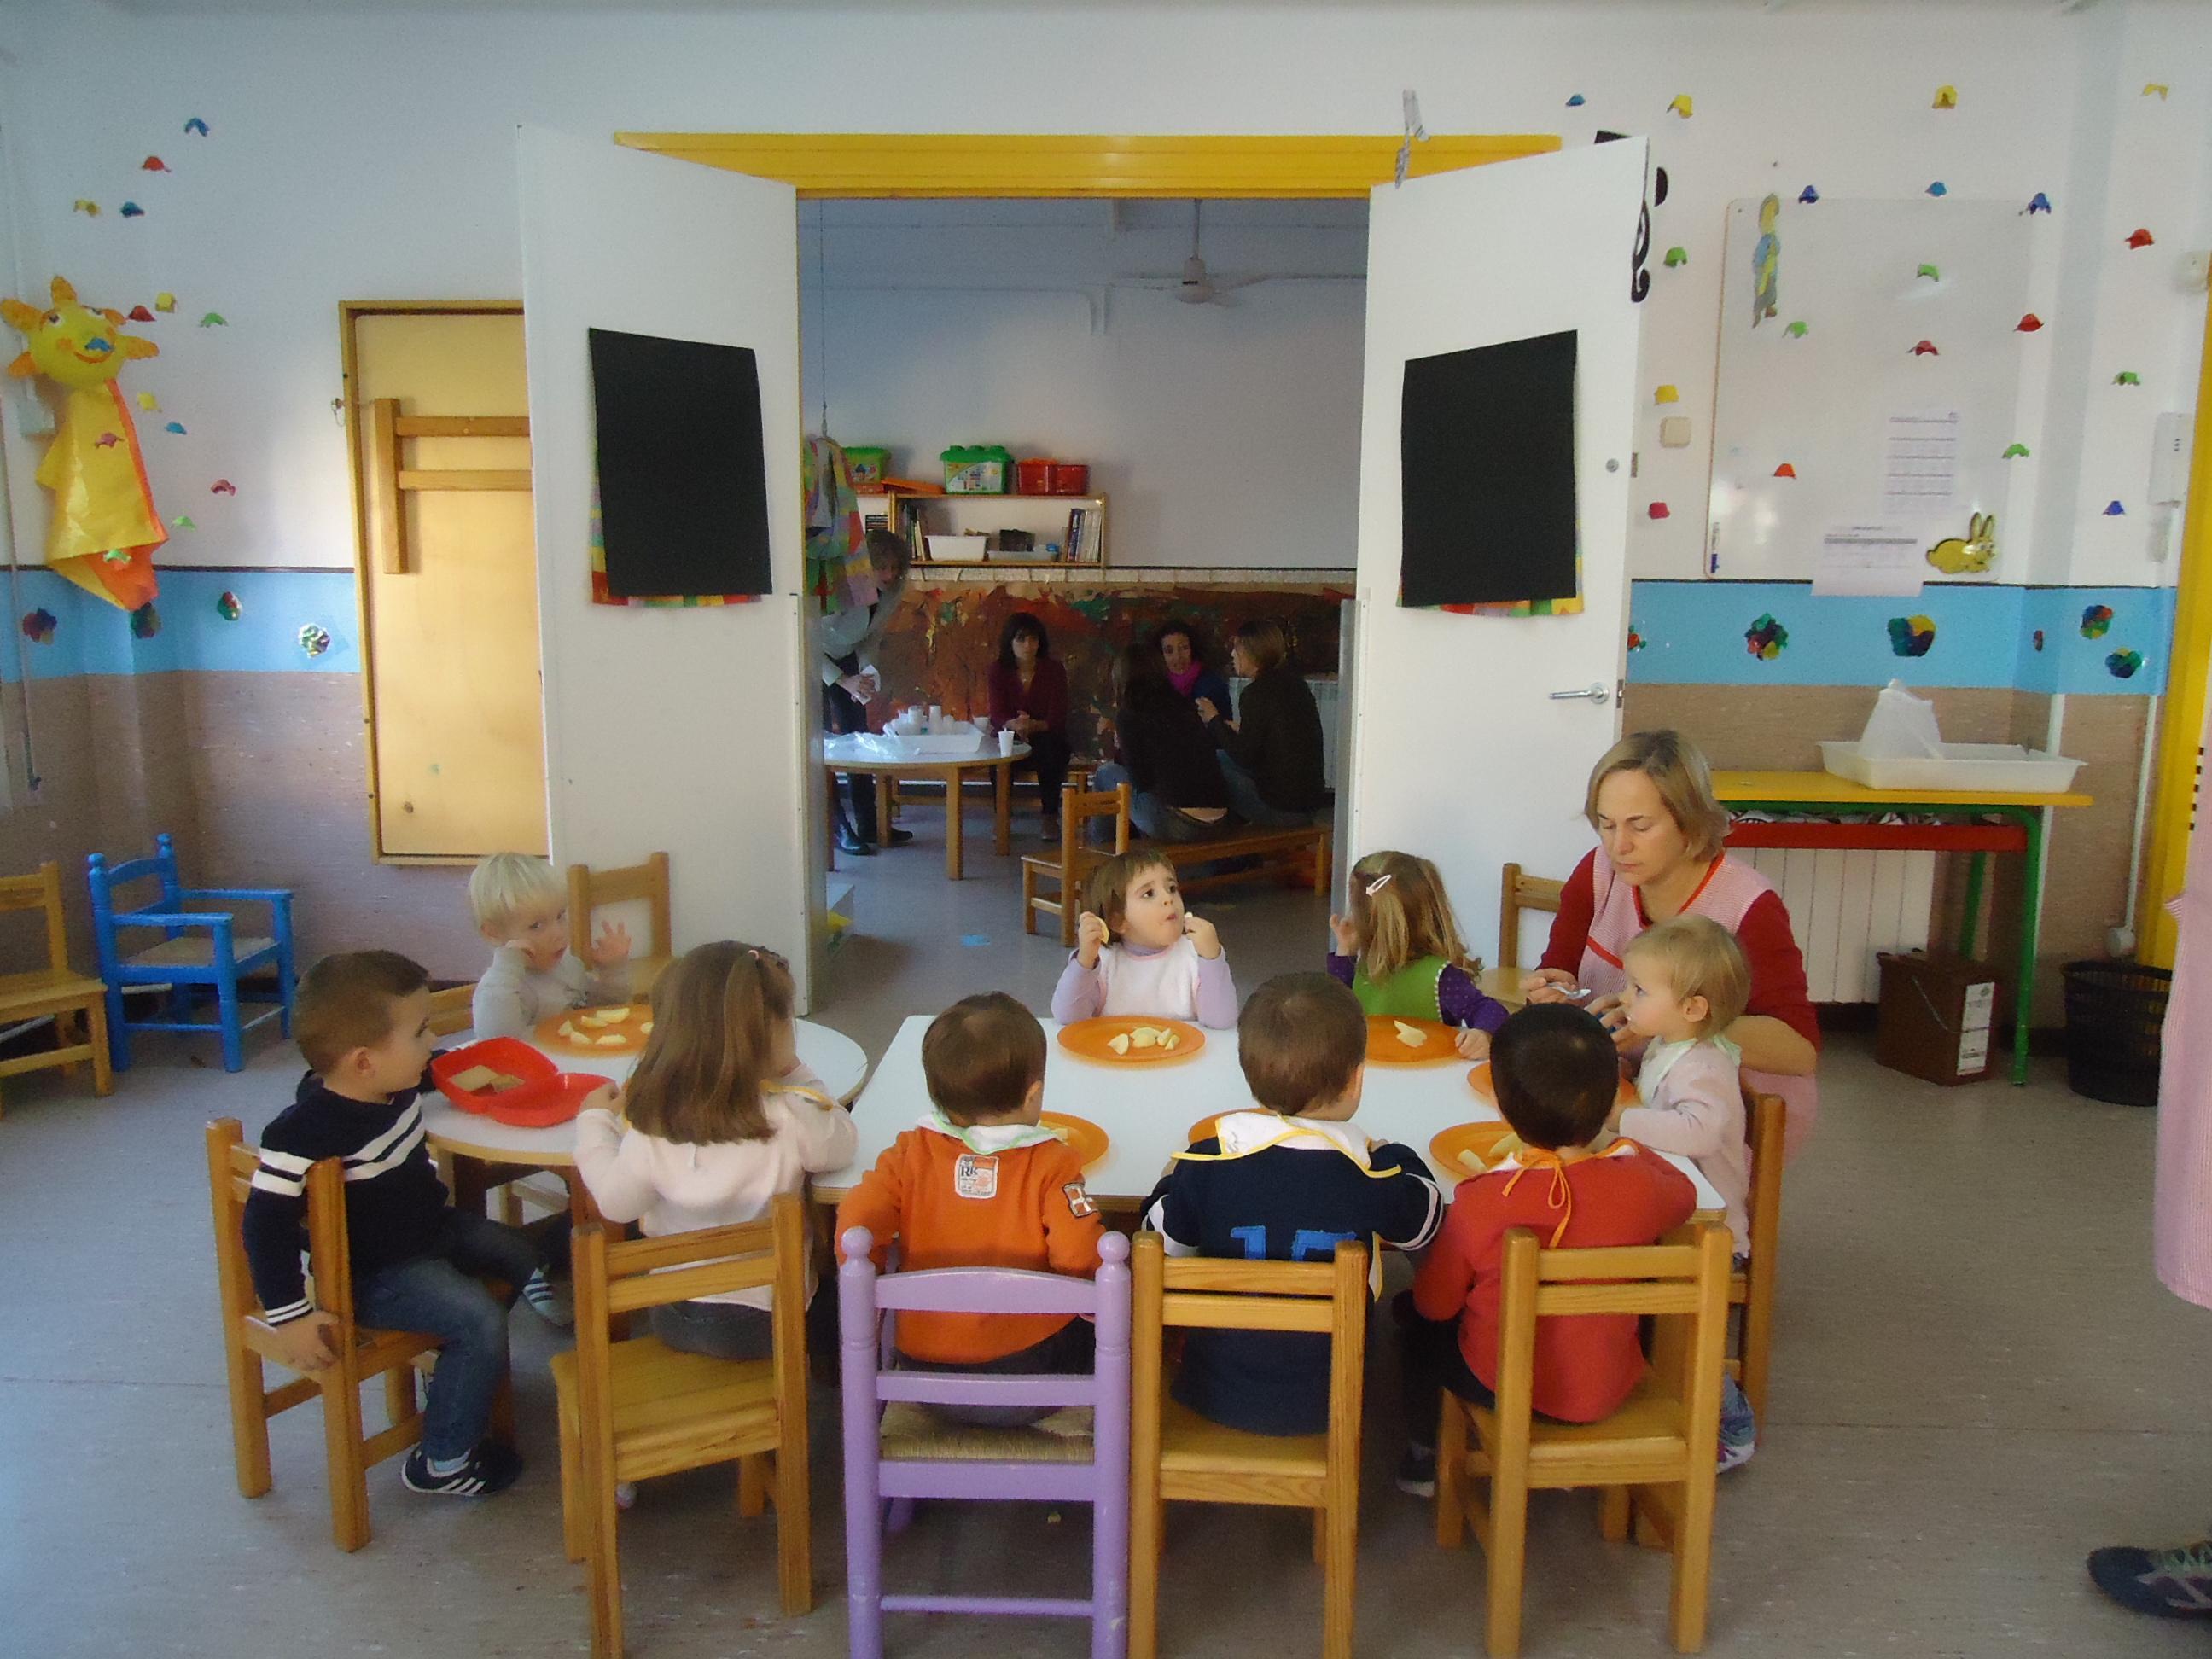 La regidoria d'Educació de l'Ajuntament de Reus ha decidit mantenir el tancament provisional de les Escoles Bressol Municipals per a t...